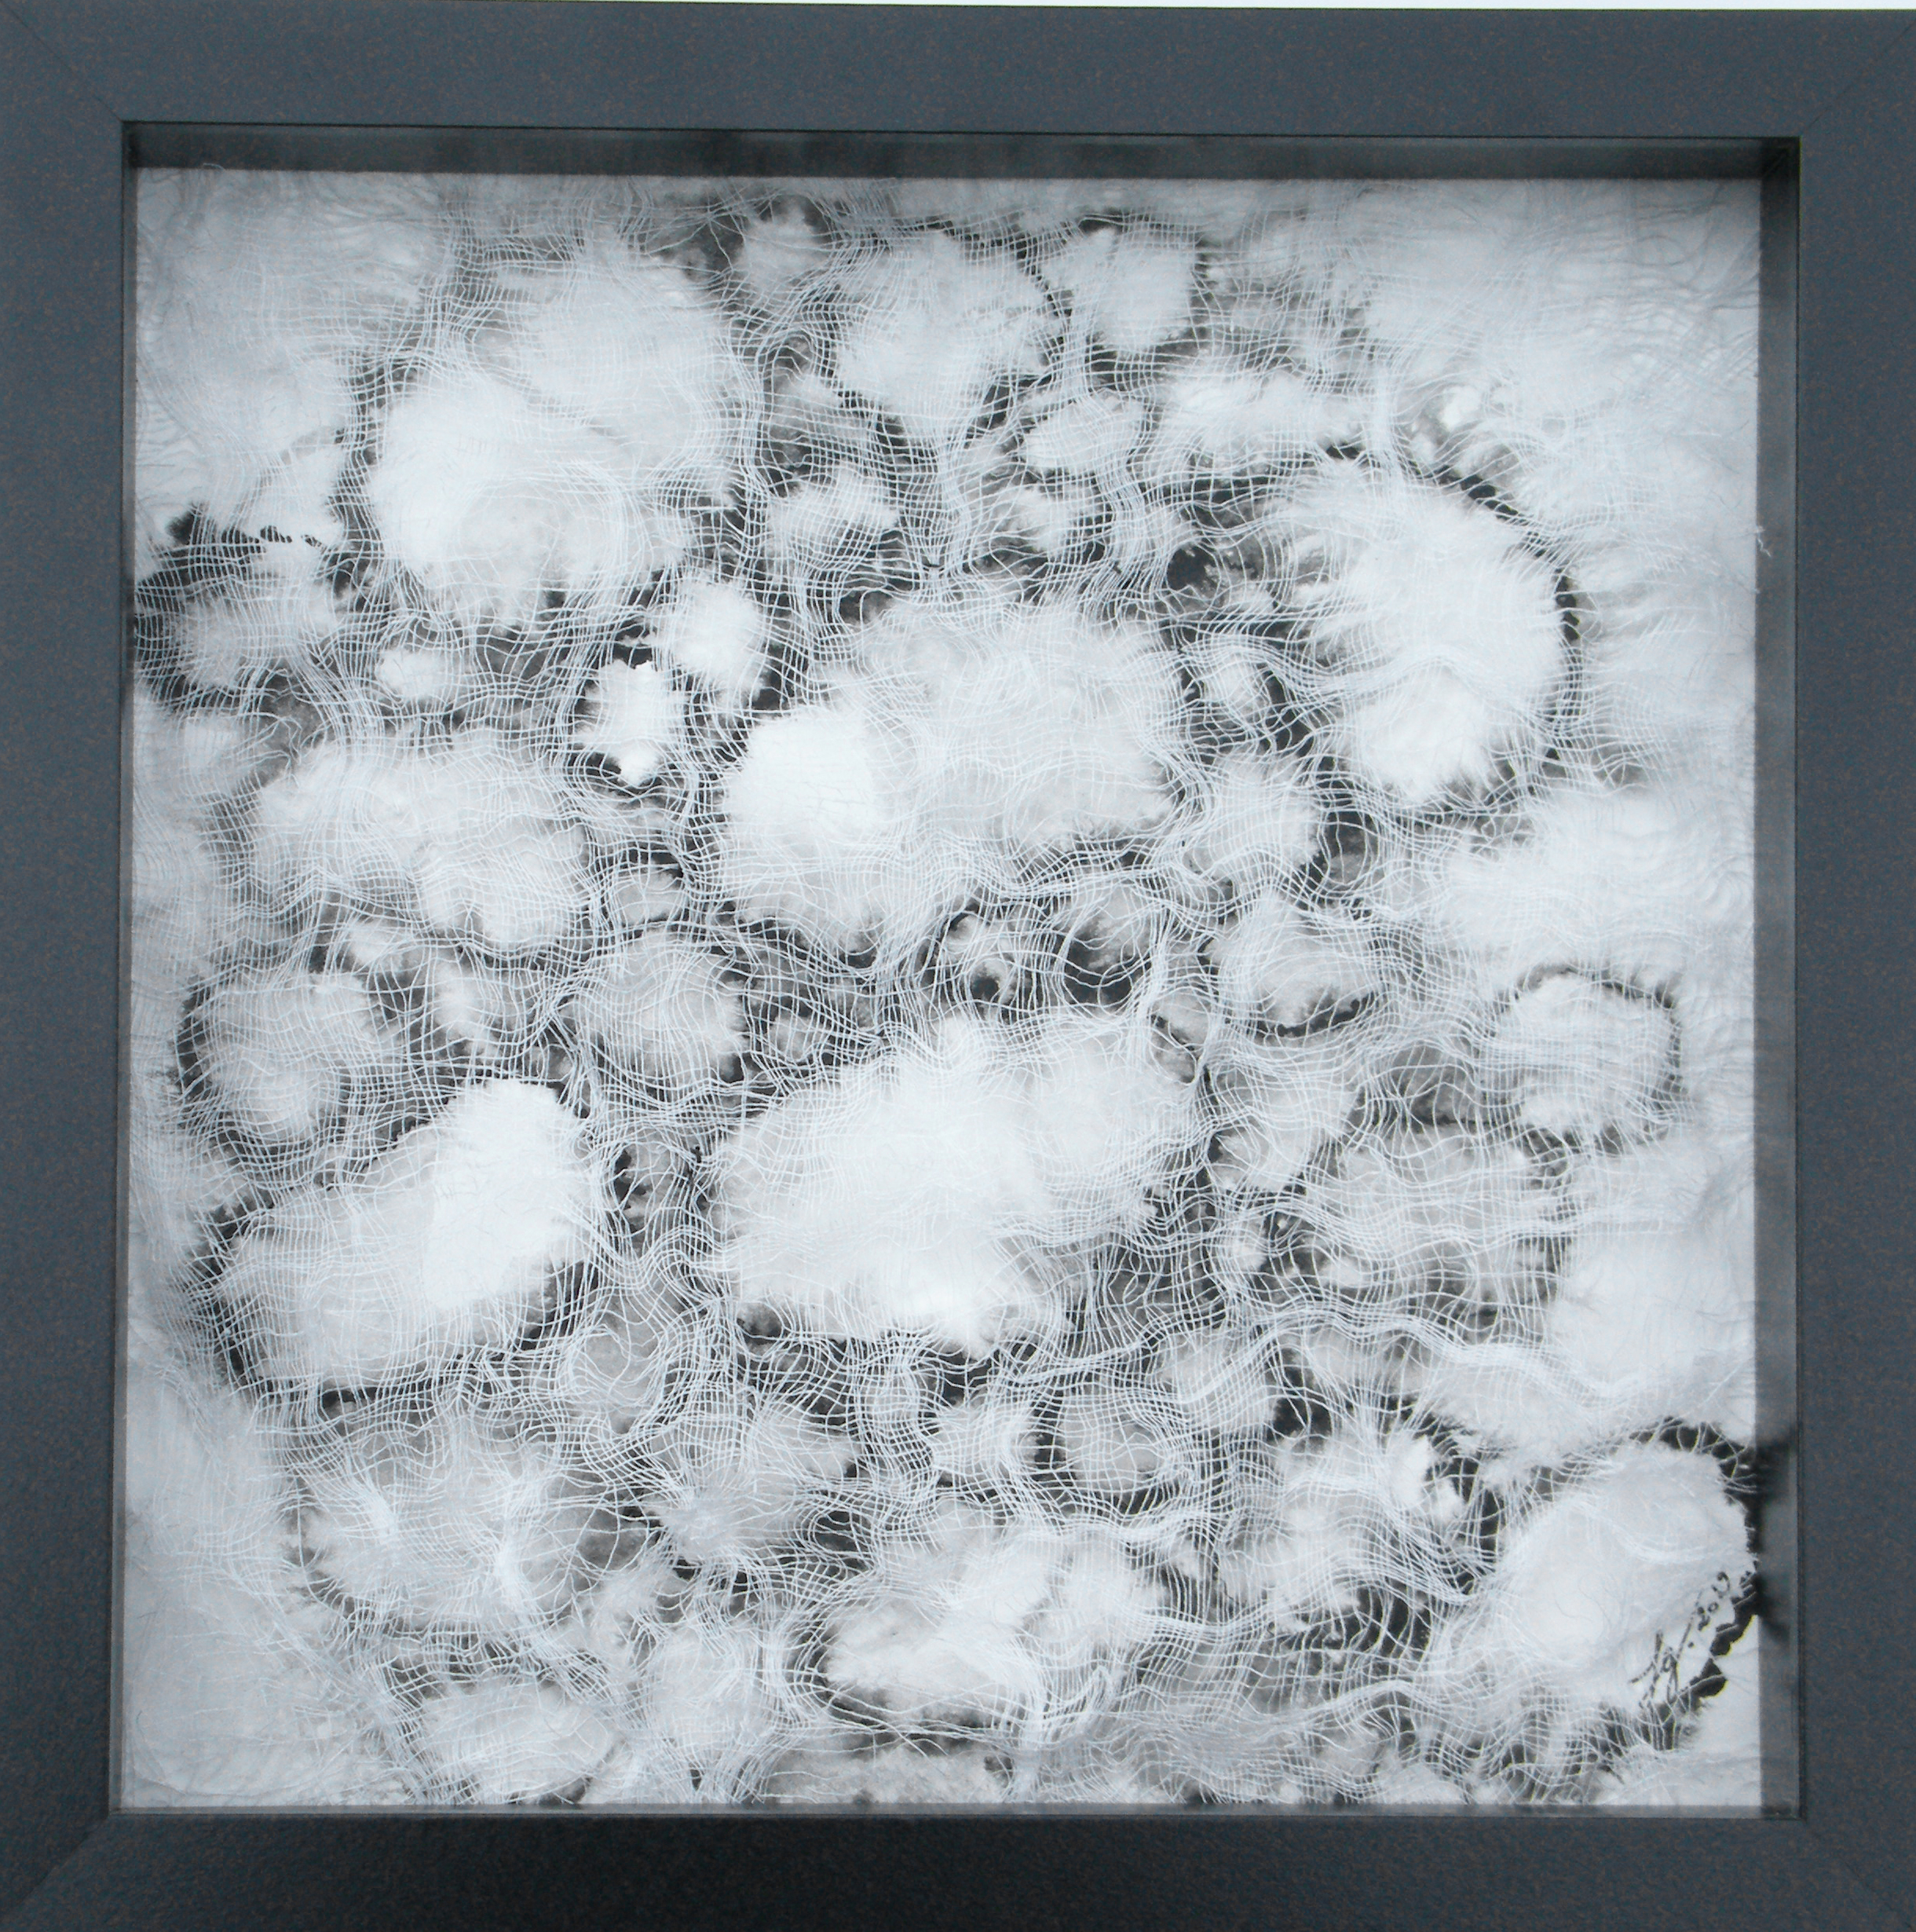 Enveloppant n°2   ,  2019  Encre de chine sur papier et tissu  25 x 25 cm